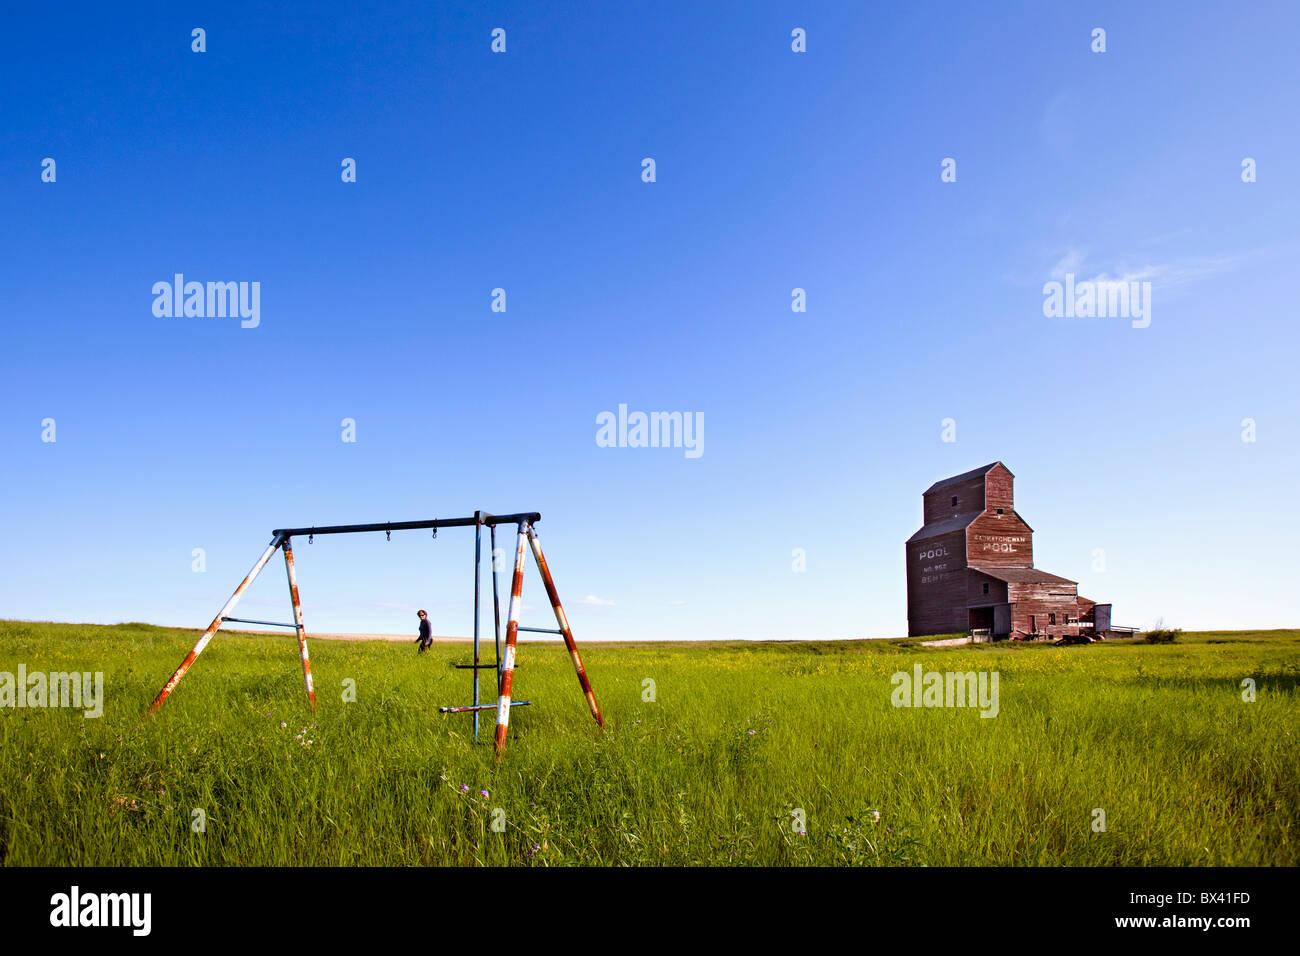 Un homme marche à travers un champ avec une vieille balançoire et un vieux grain elevator; virages, Photo Stock